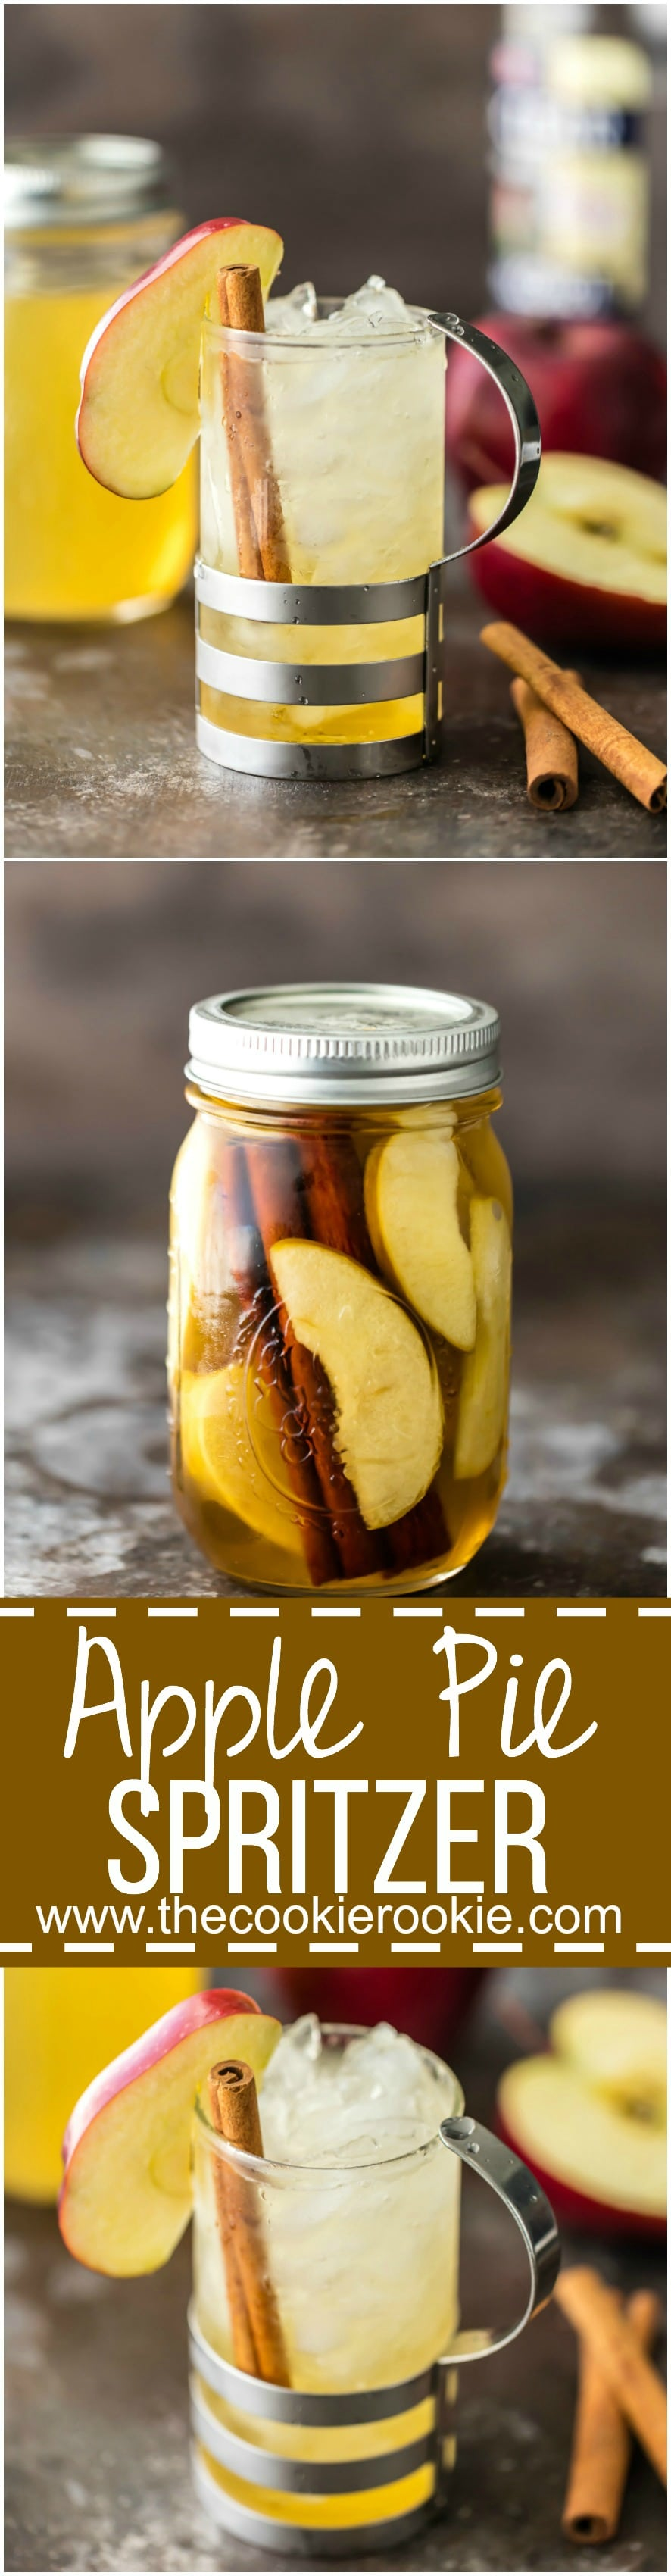 ¡El vodka casero de tarta de manzana es una idea de regalo fácil para el otoño! ¡Simple Apple Pie Vodka es el mejor cóctel de otoño con Apple Pie Spritzer! Apple Pie Vodka, Apple Cider y Club Soda! Tan delicioso!